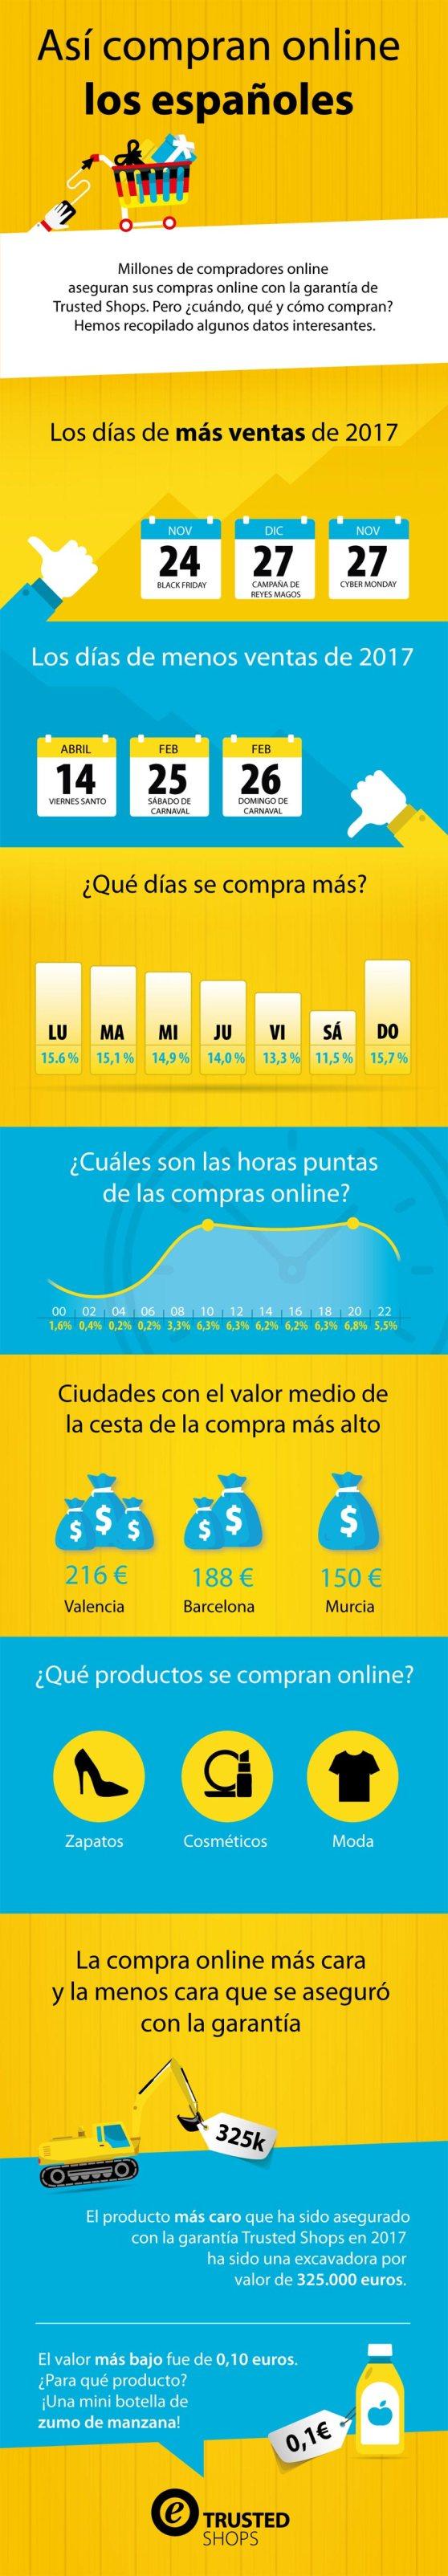 infografia_trusted-shops_black-friday.jpg